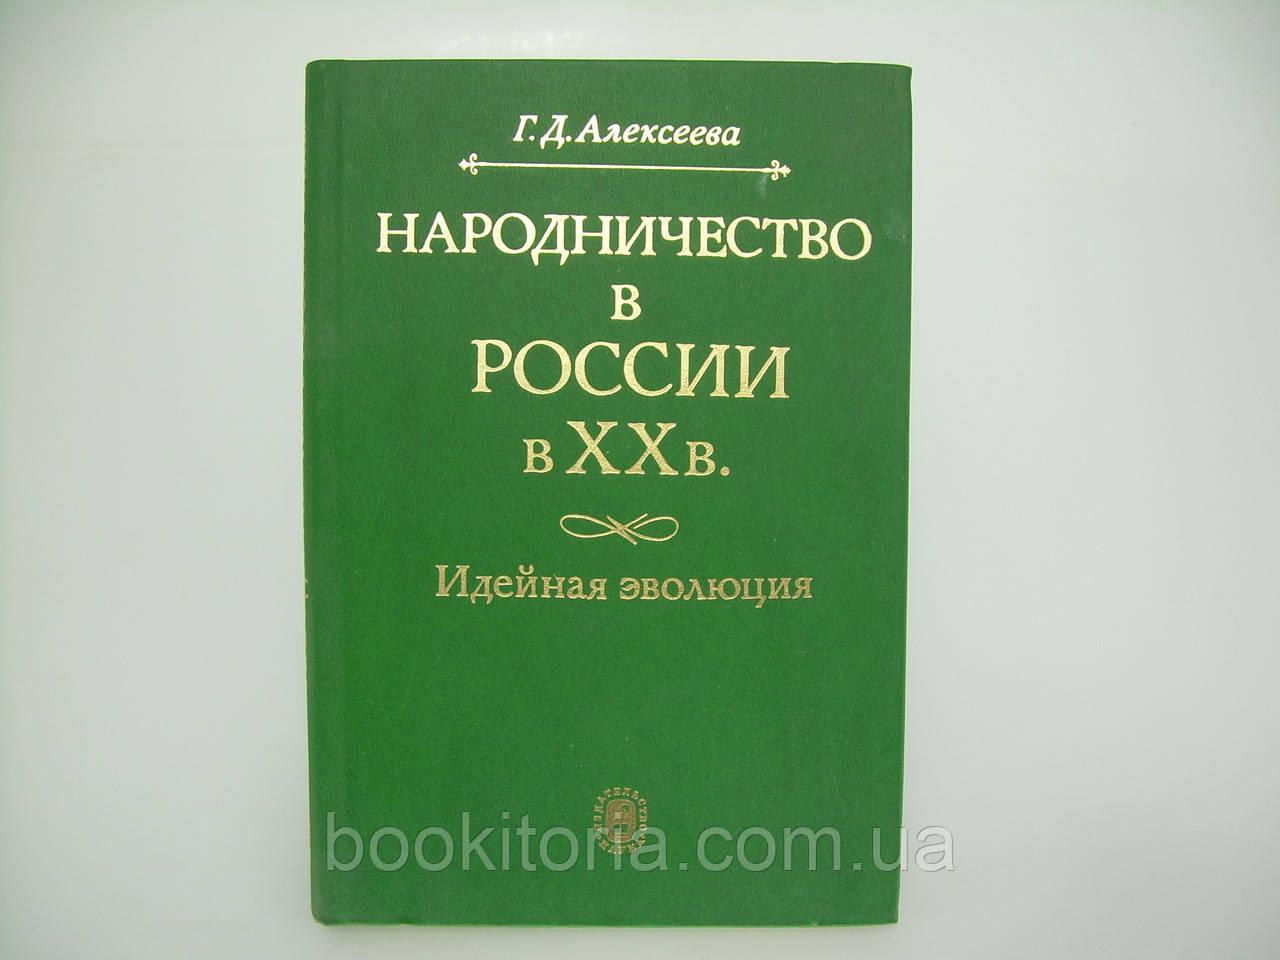 Алексеева Г.Д. Народничество в России в XX веке (б/у).